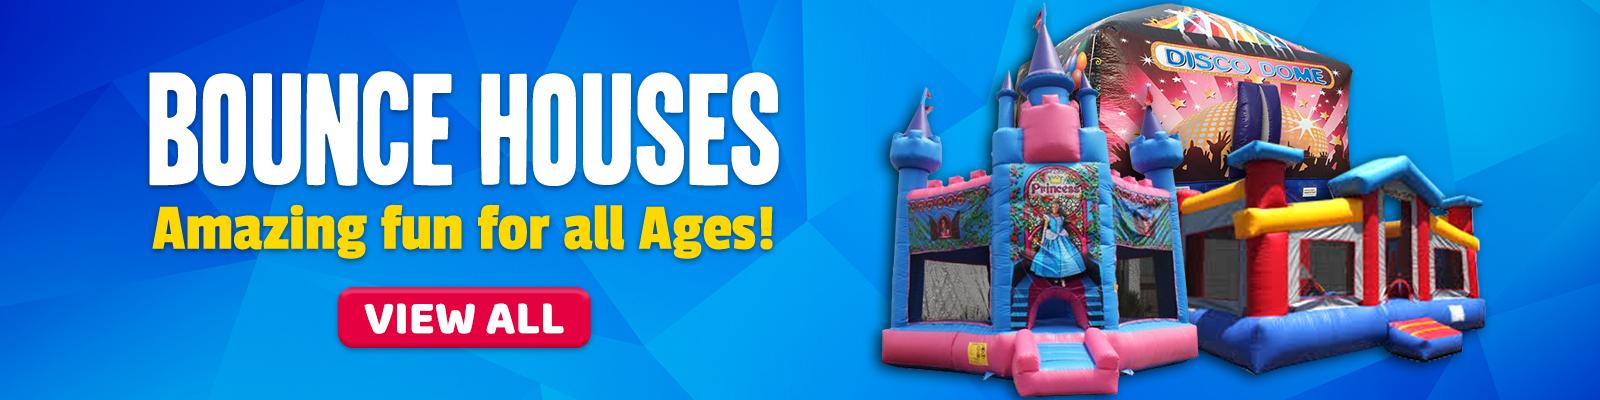 Austin Bounce Houses